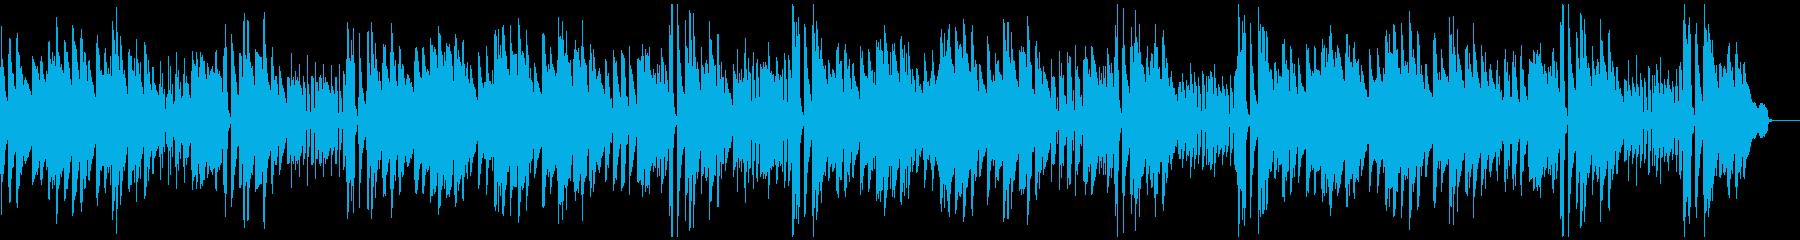 大きな古時計 ピアノ伴奏の再生済みの波形